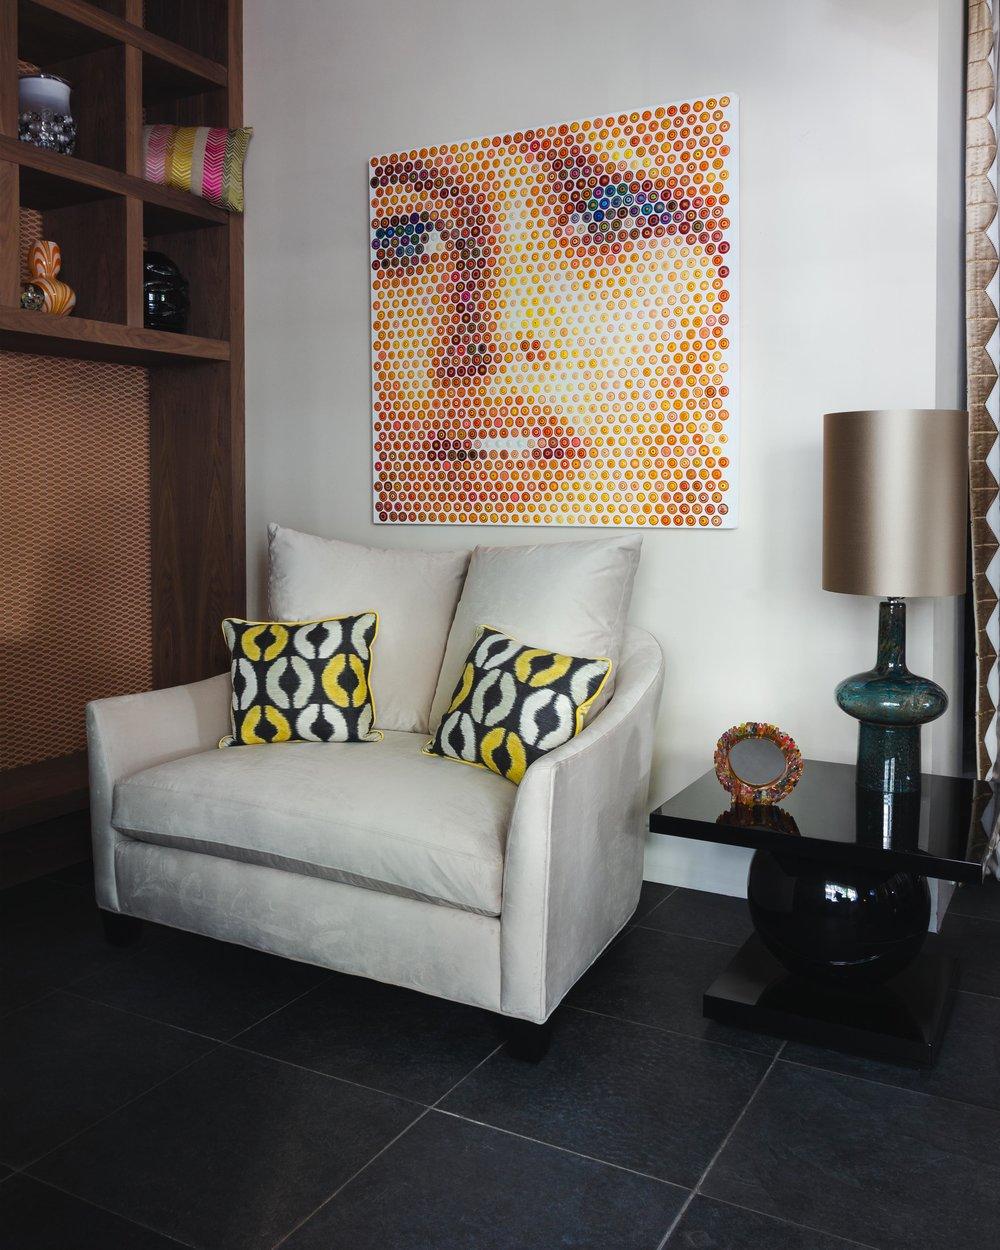 Showroom Dols&Co - Capture and Create - Christiaan Nies-2.jpg